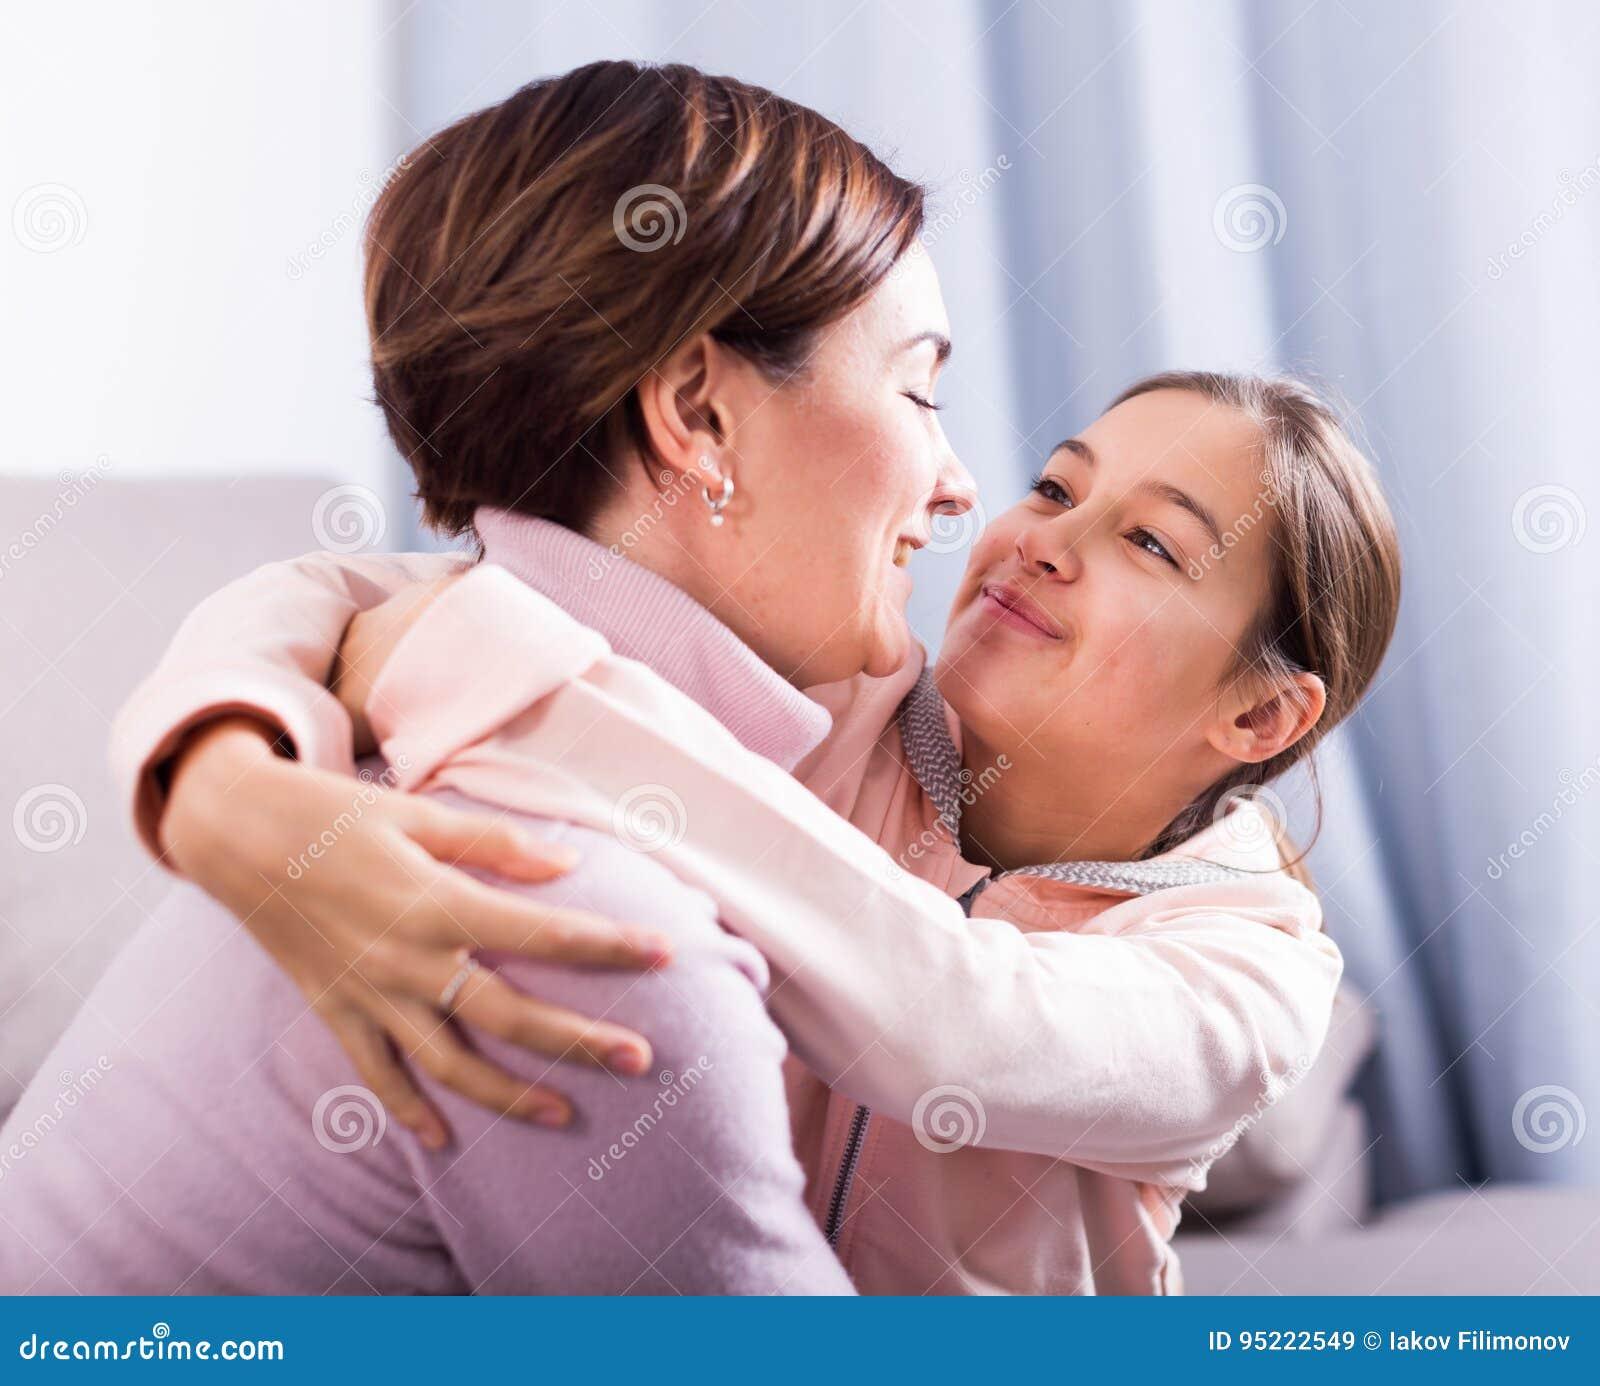 La figlia chiede il perdono